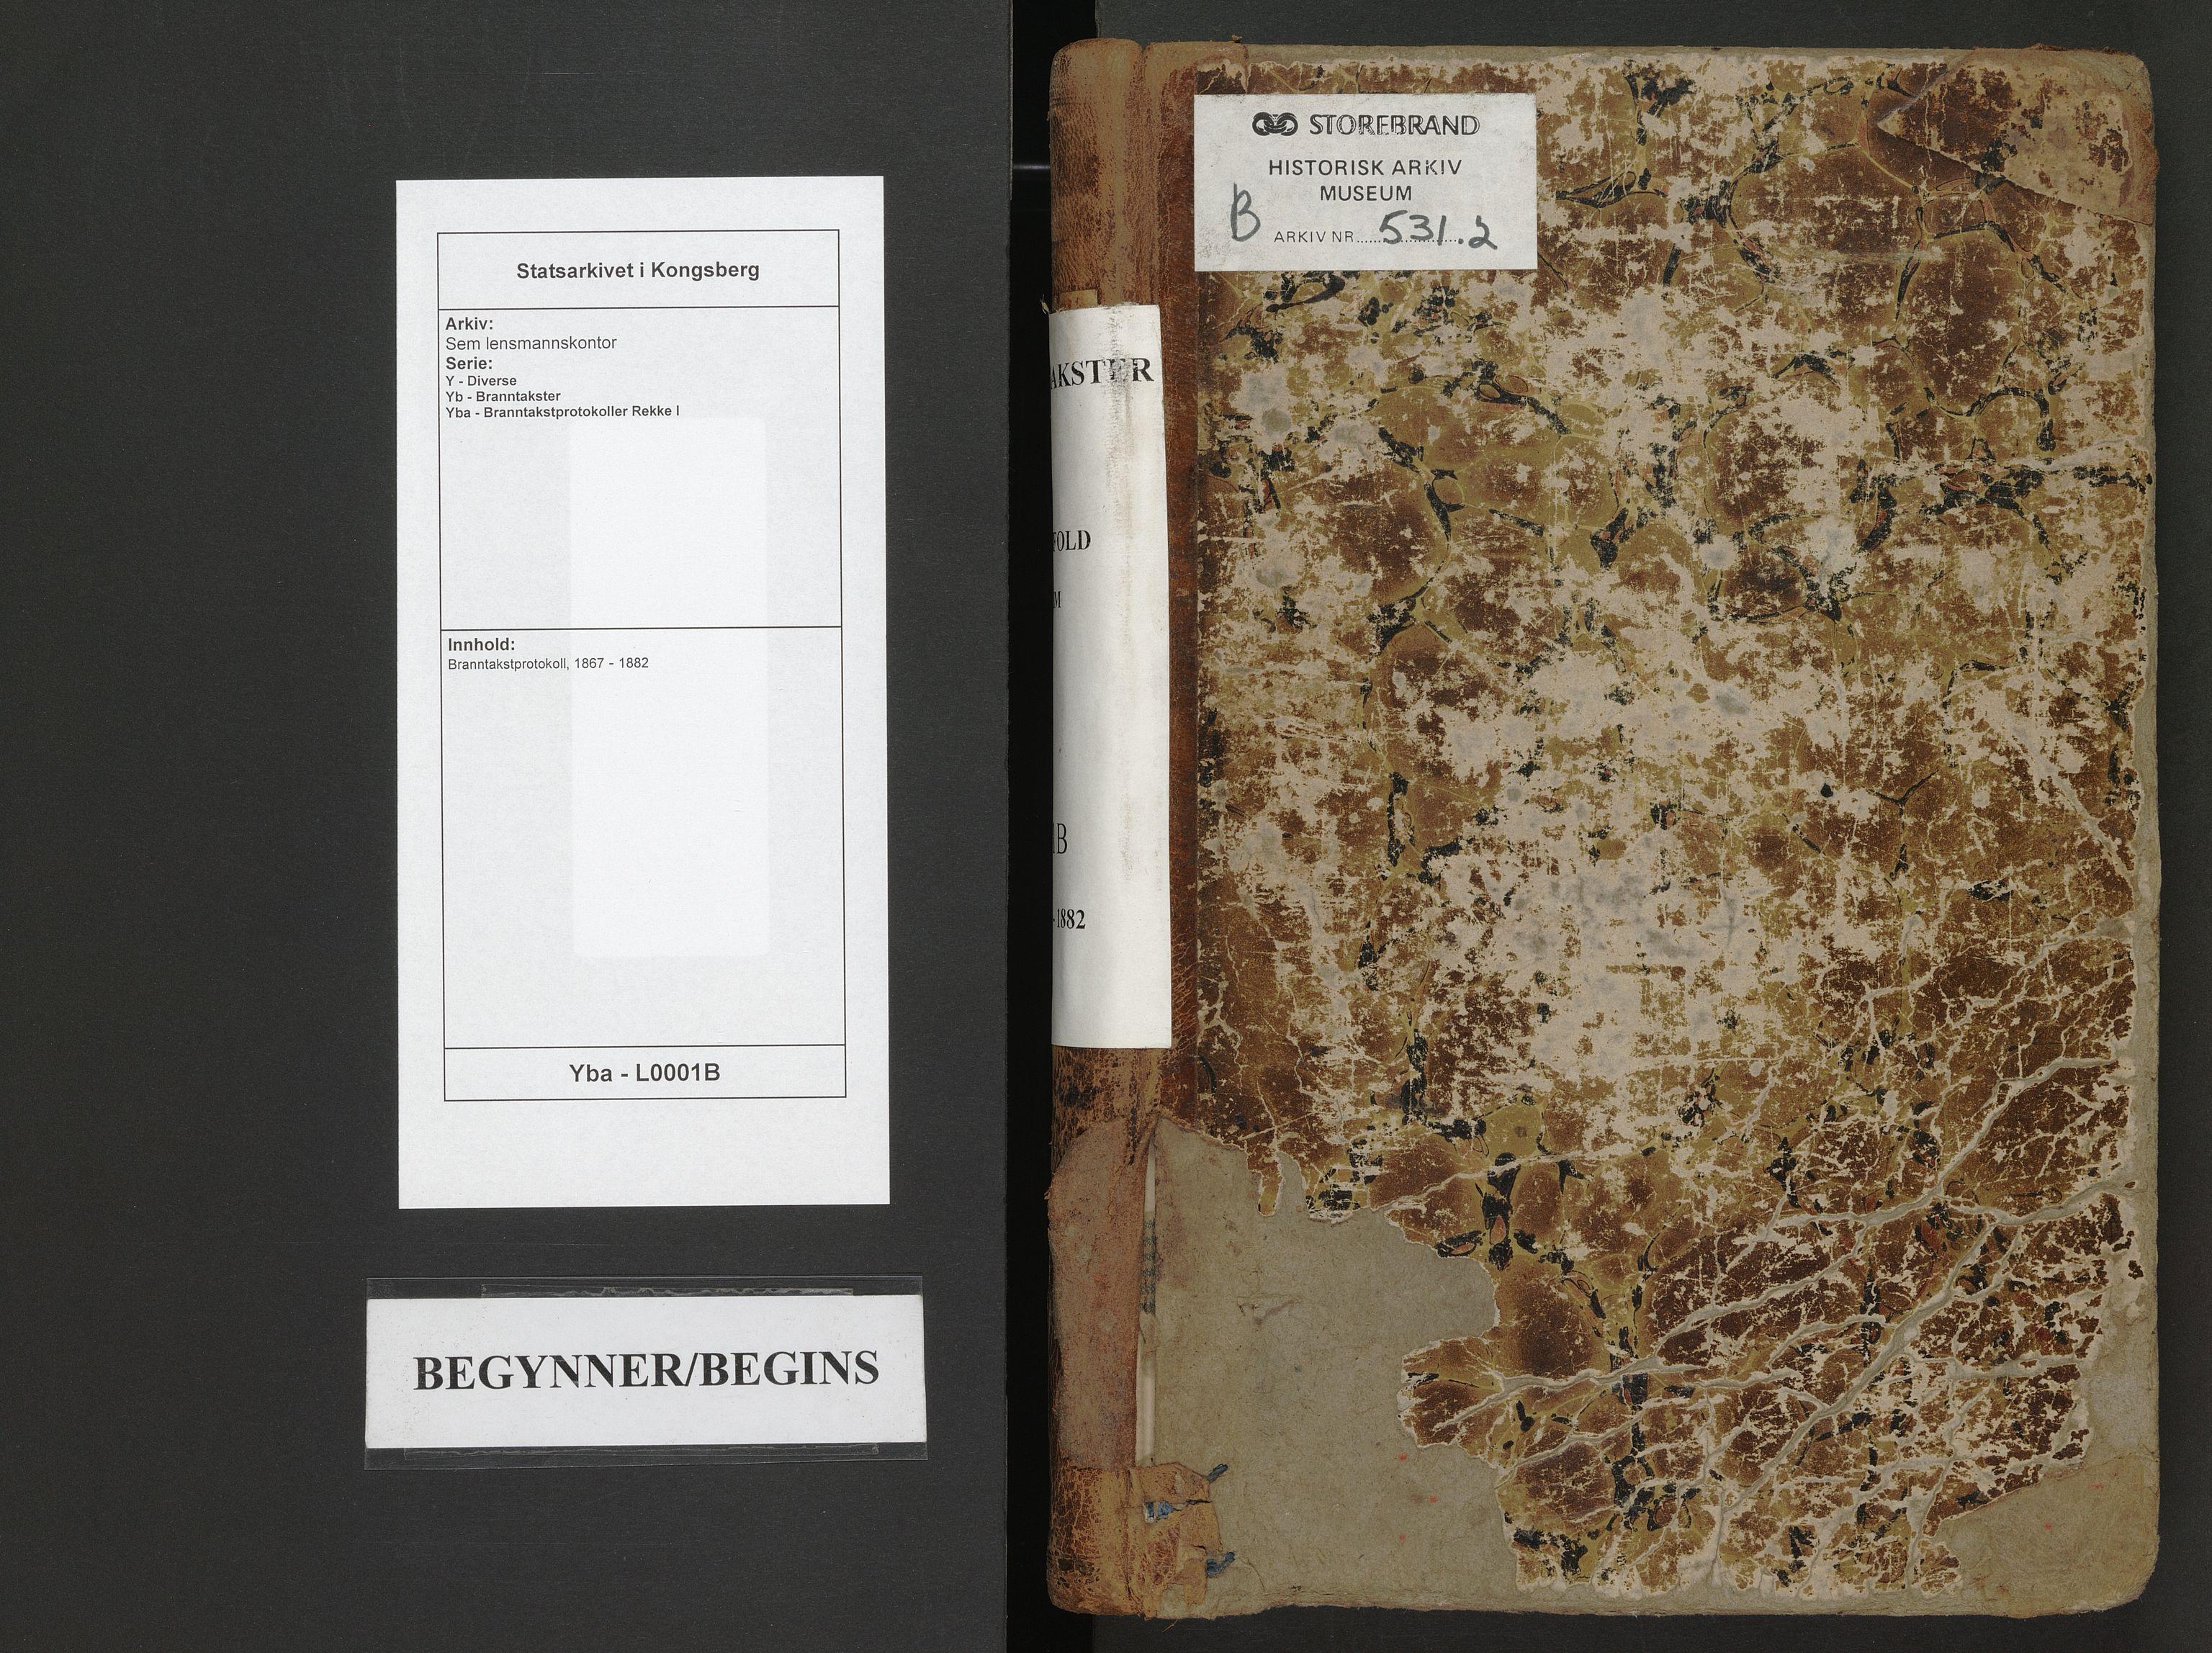 SAKO, Sem lensmannskontor, Y/Yb/Yba/L0001B: Branntakstprotokoll, 1867-1882